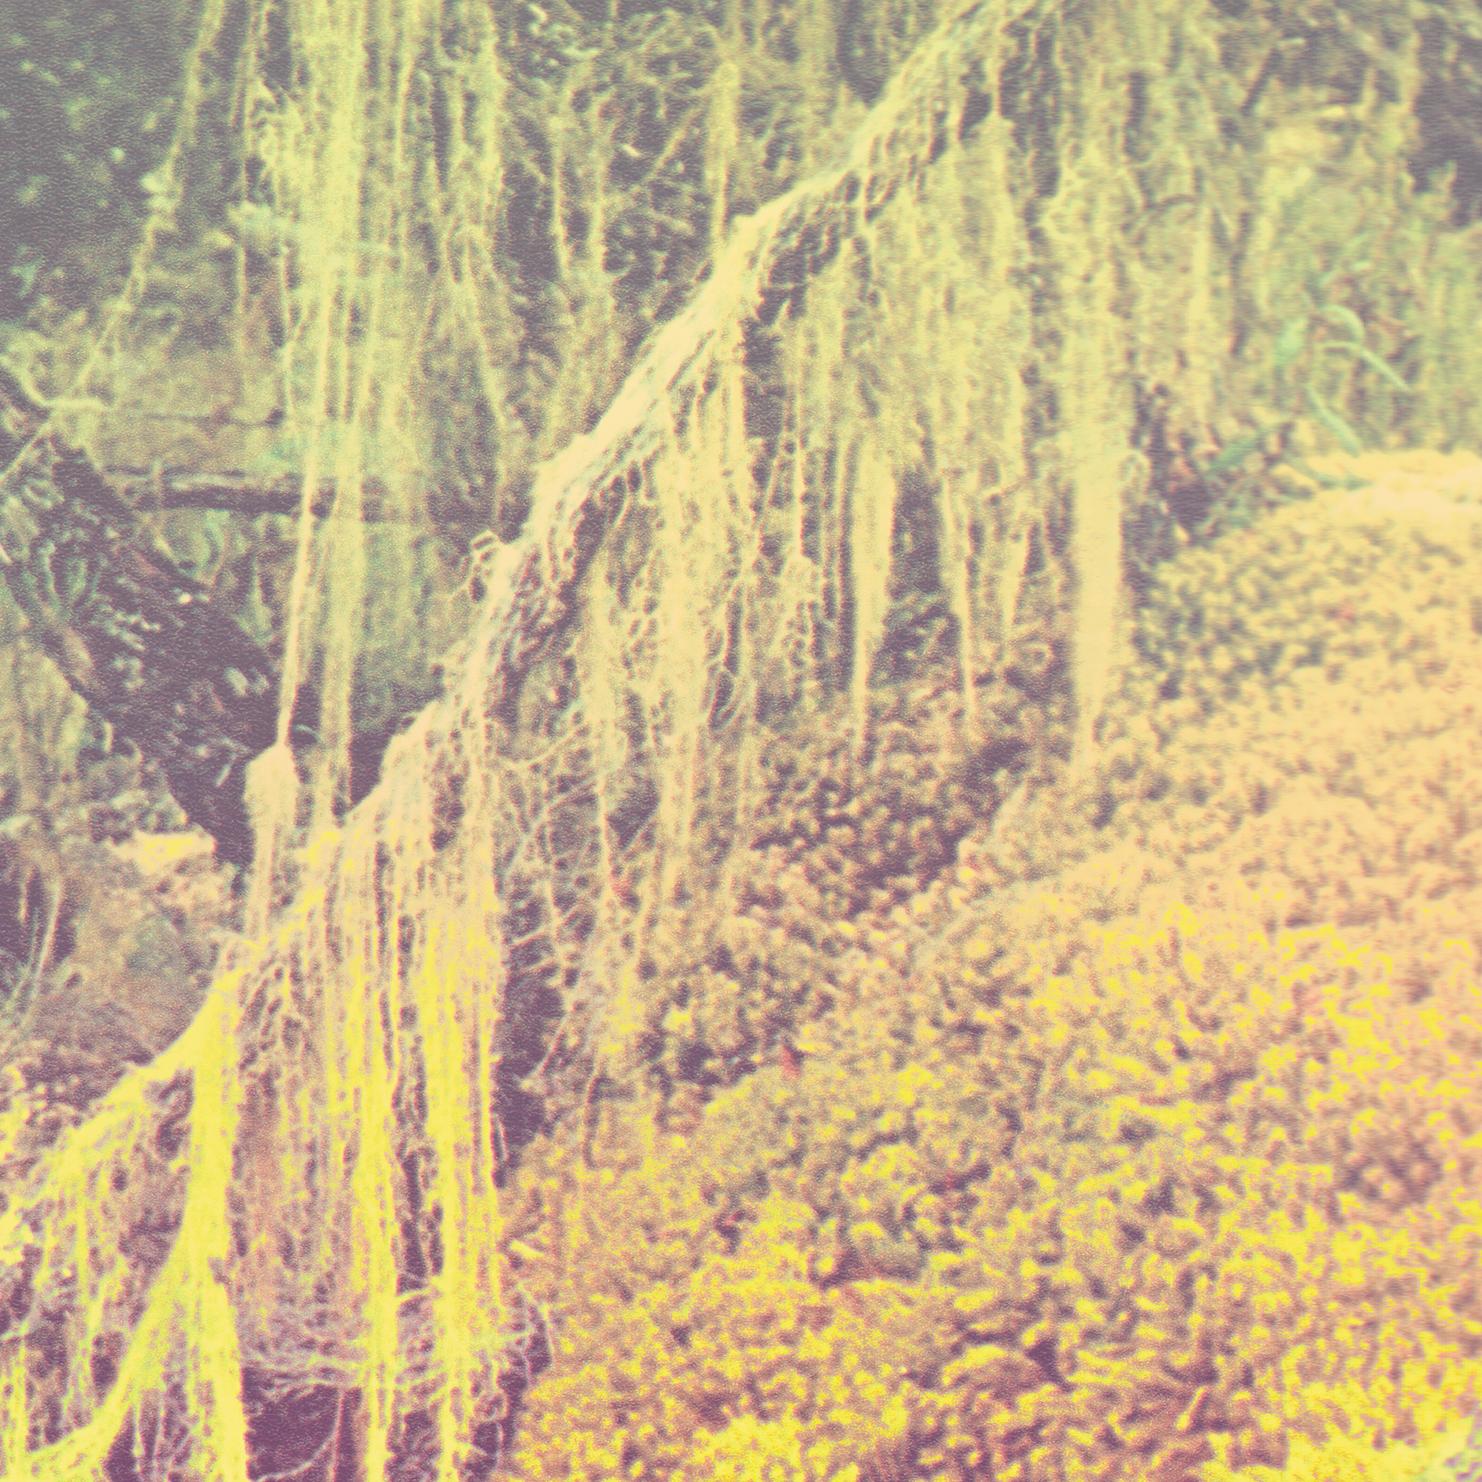 http://www.insub.org/images/ARRP_in_1.jpg